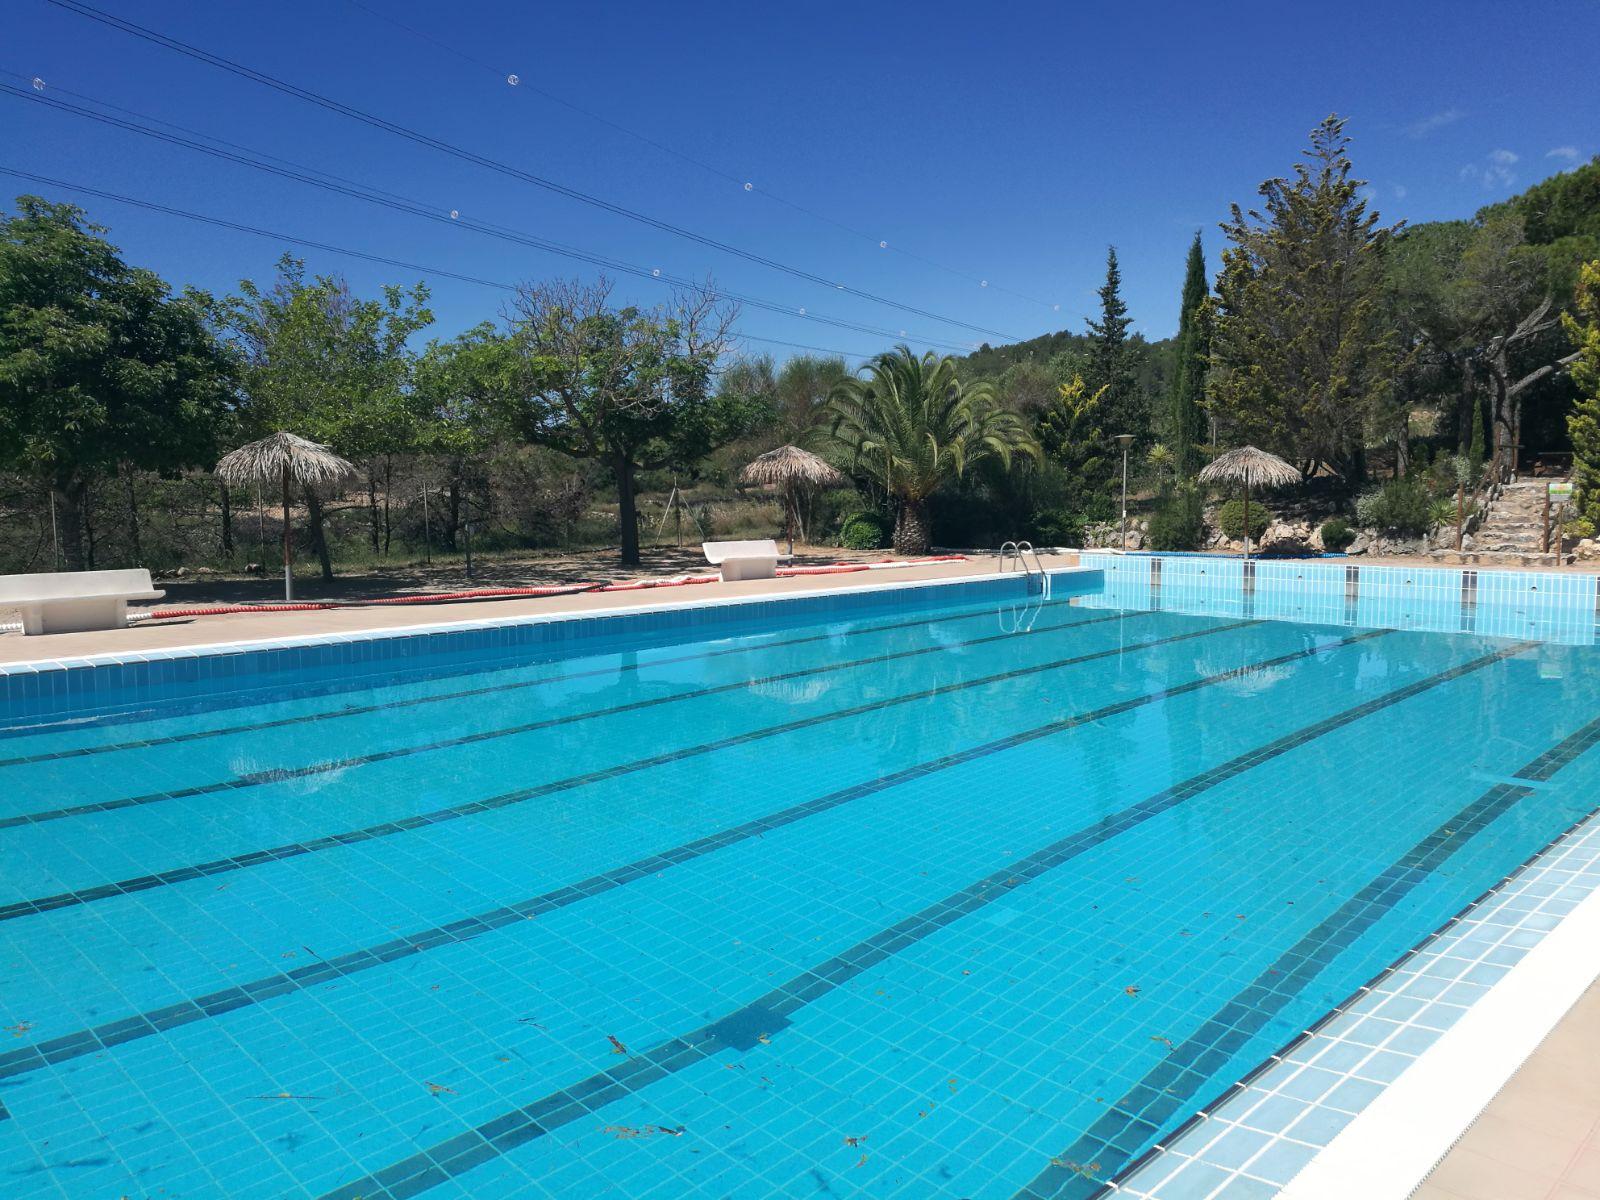 La piscina petita estrena un nou sistema de filtració de l'aigua